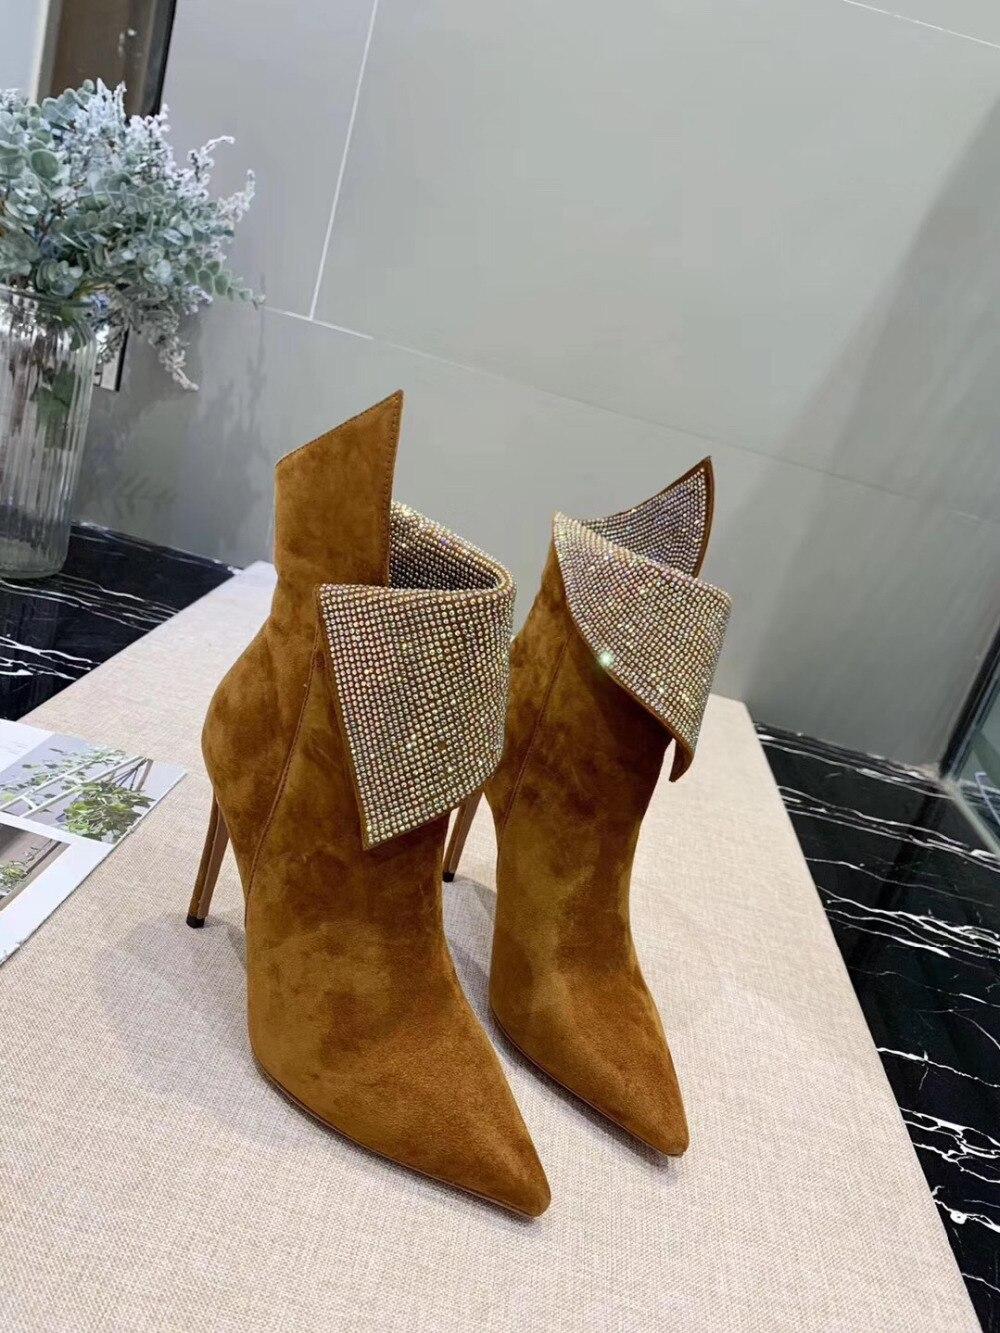 Г., модные короткие ботинки со сверлом женские ботинки на высоком каблуке с боковой молнией Ботинки martin черные ботинки на заказ